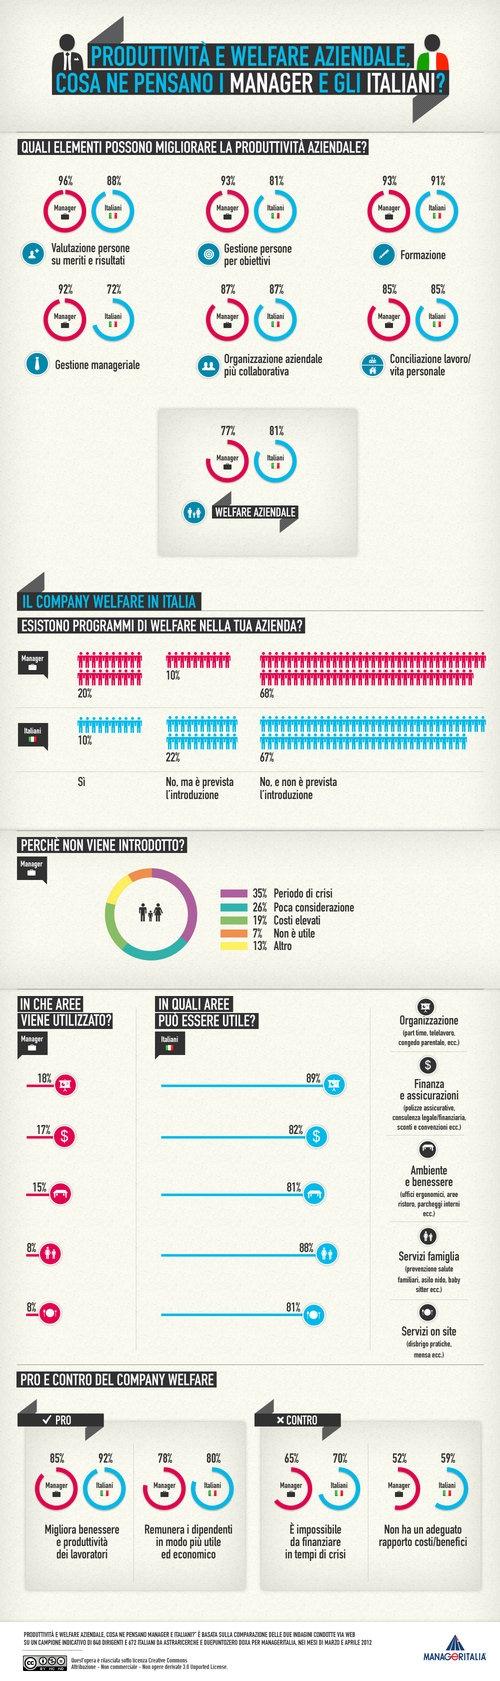 Programmi di welfare aziendale: pro e contro secondo i manager italiani, l'infografica